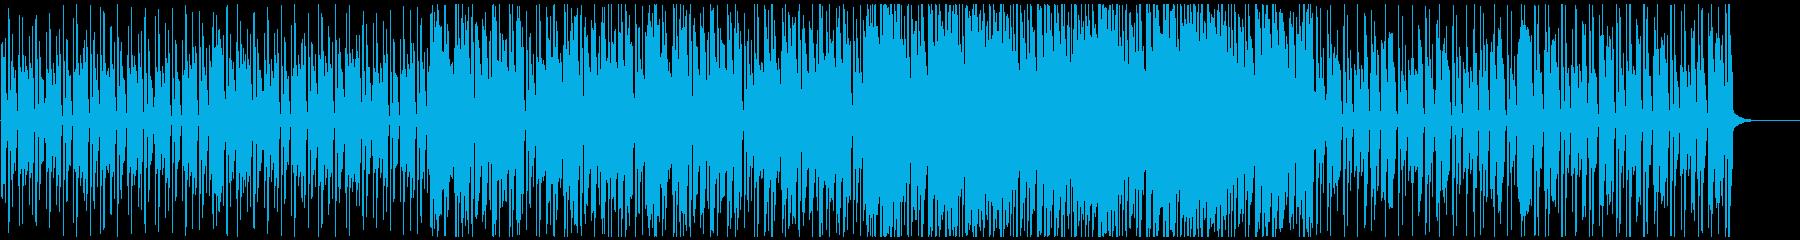 ノリノリでスピーディなブラス・ポップの再生済みの波形